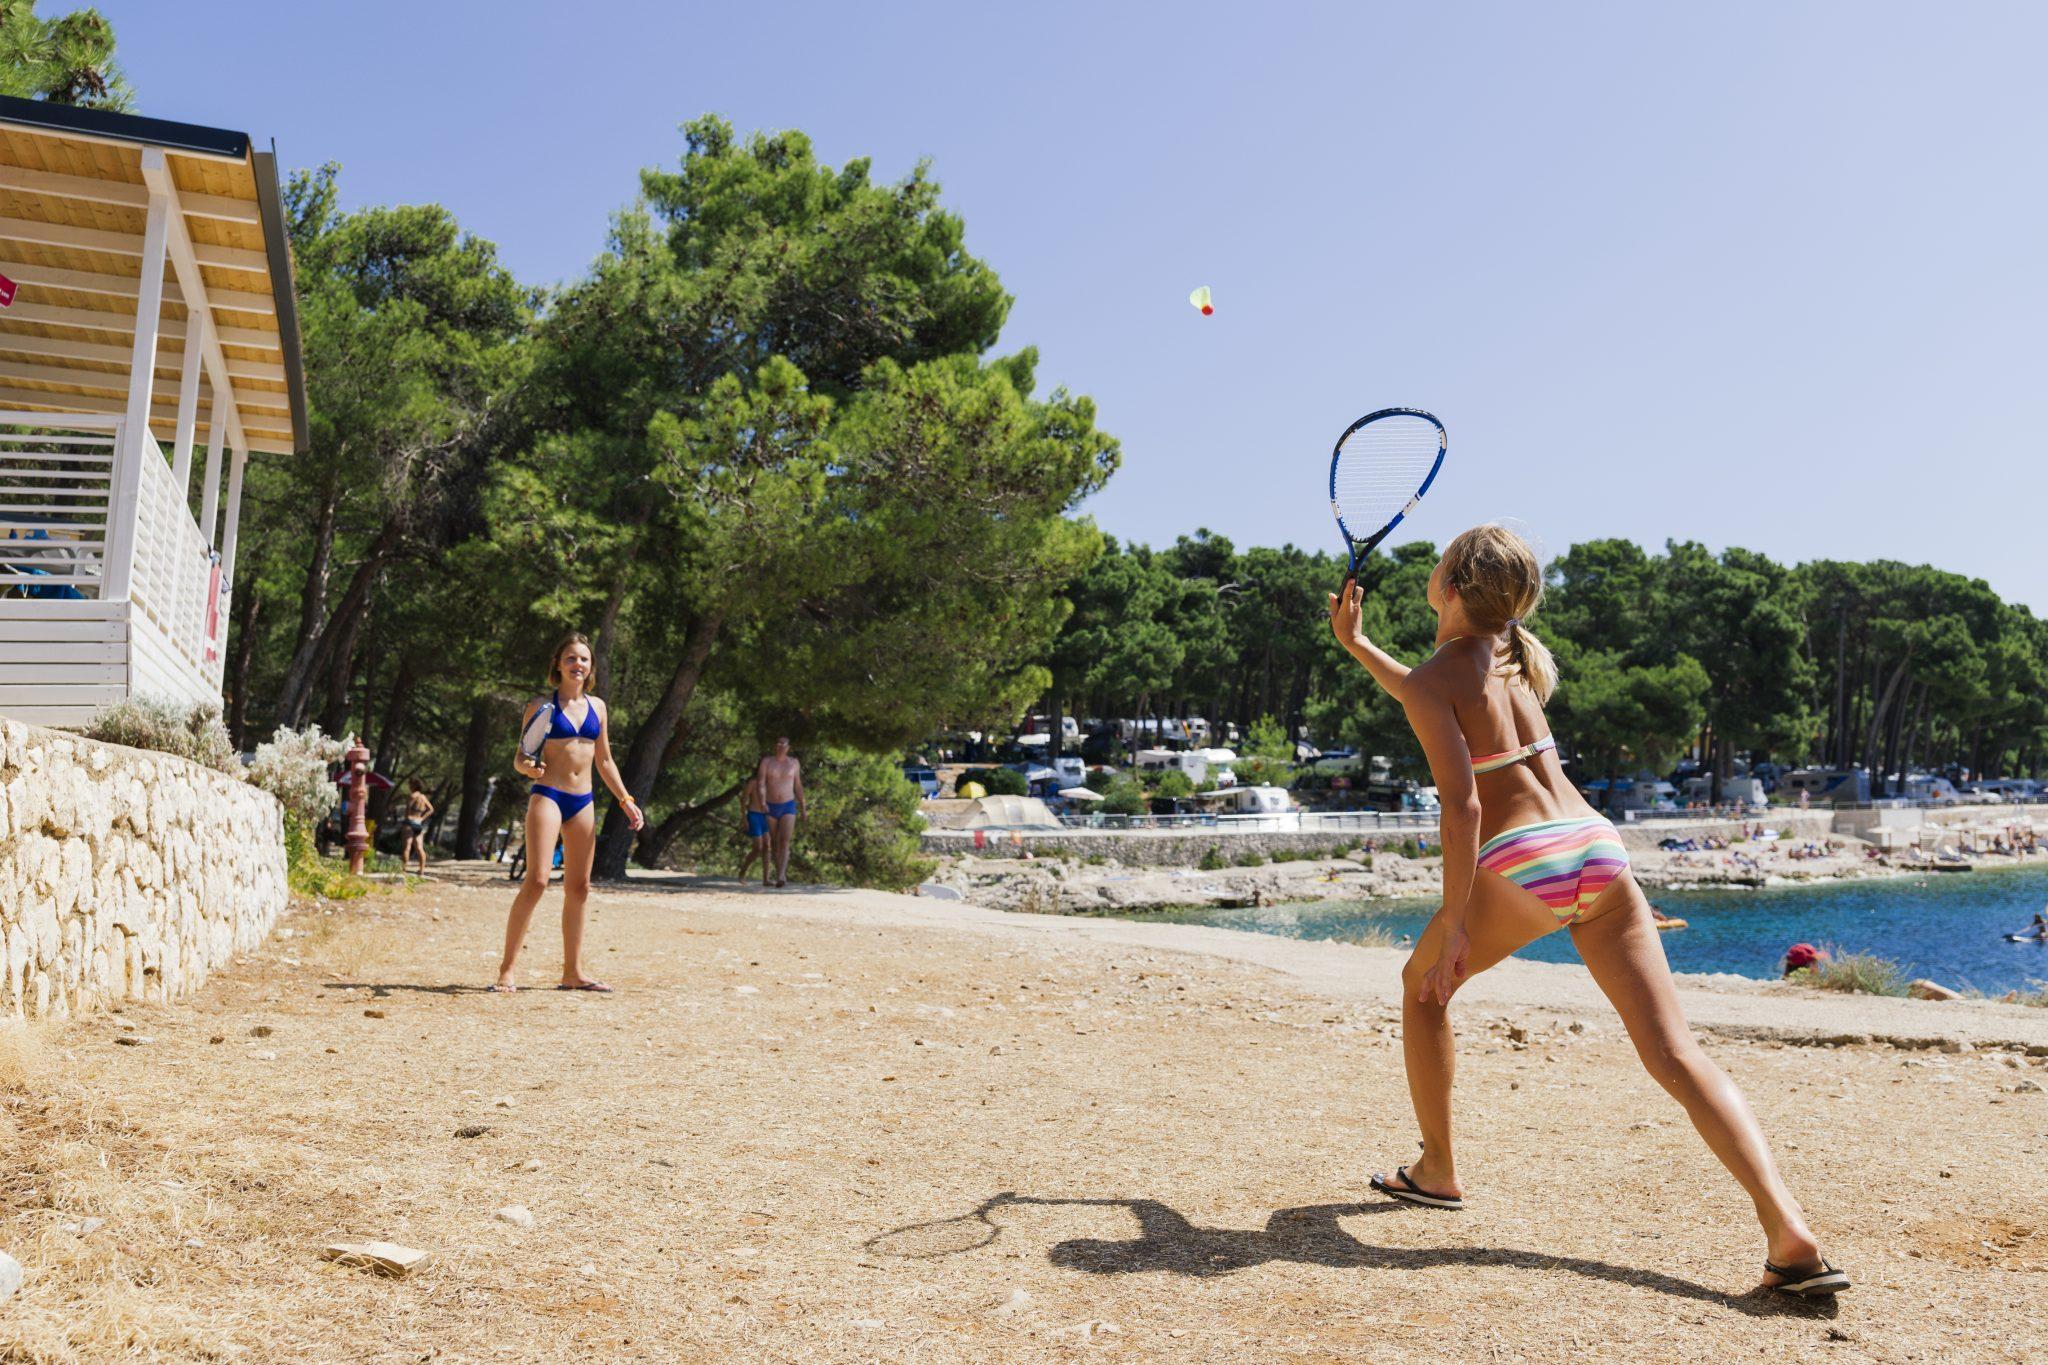 Platz für Federball spielen am Strand